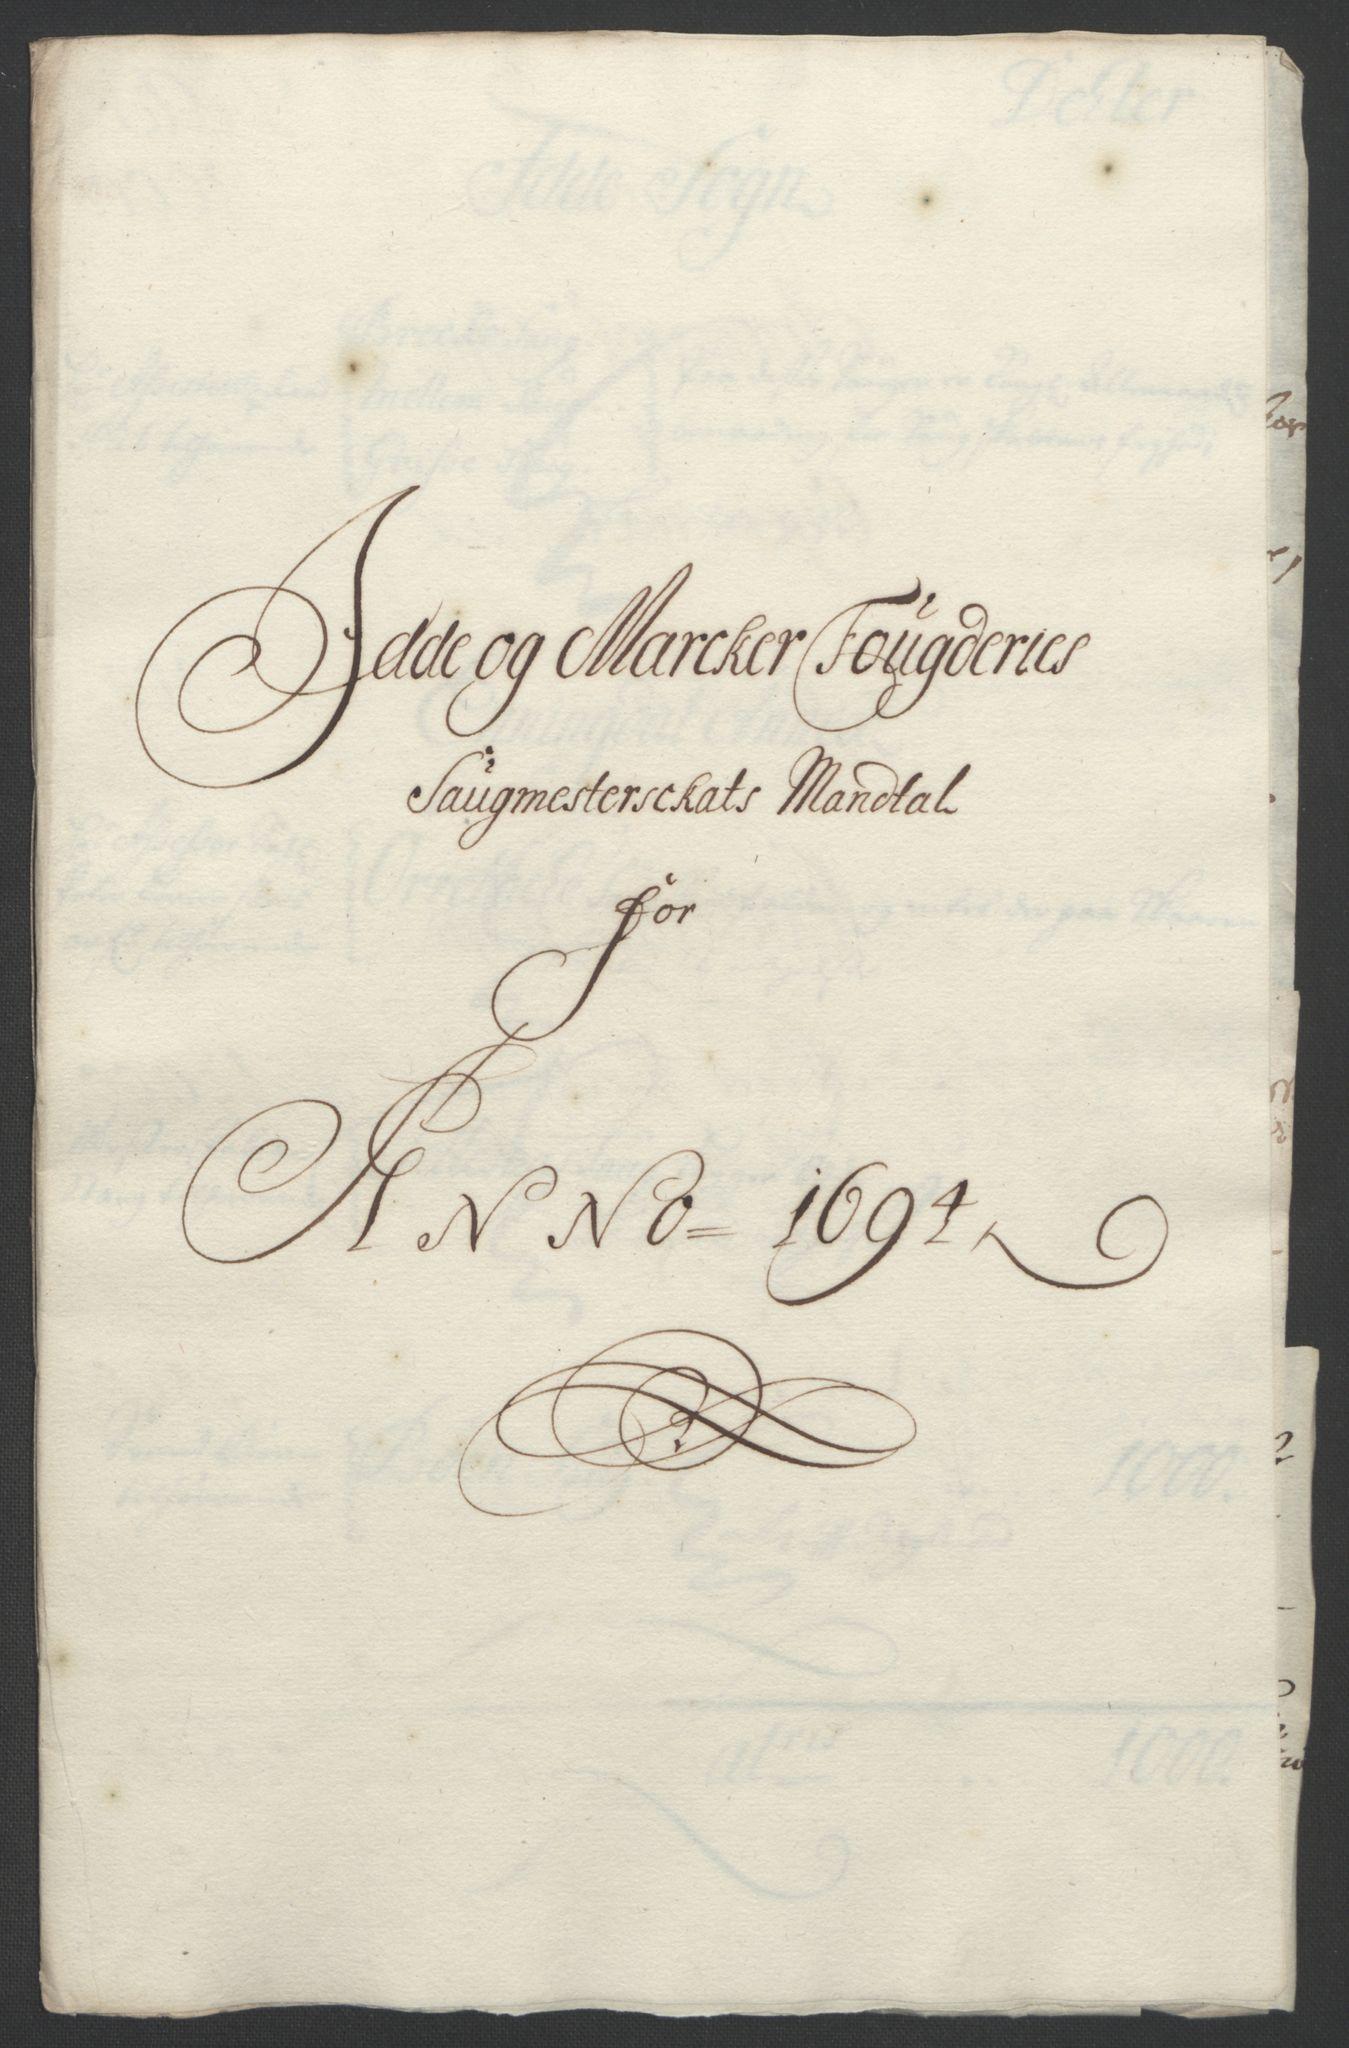 RA, Rentekammeret inntil 1814, Reviderte regnskaper, Fogderegnskap, R01/L0012: Fogderegnskap Idd og Marker, 1694-1695, s. 105